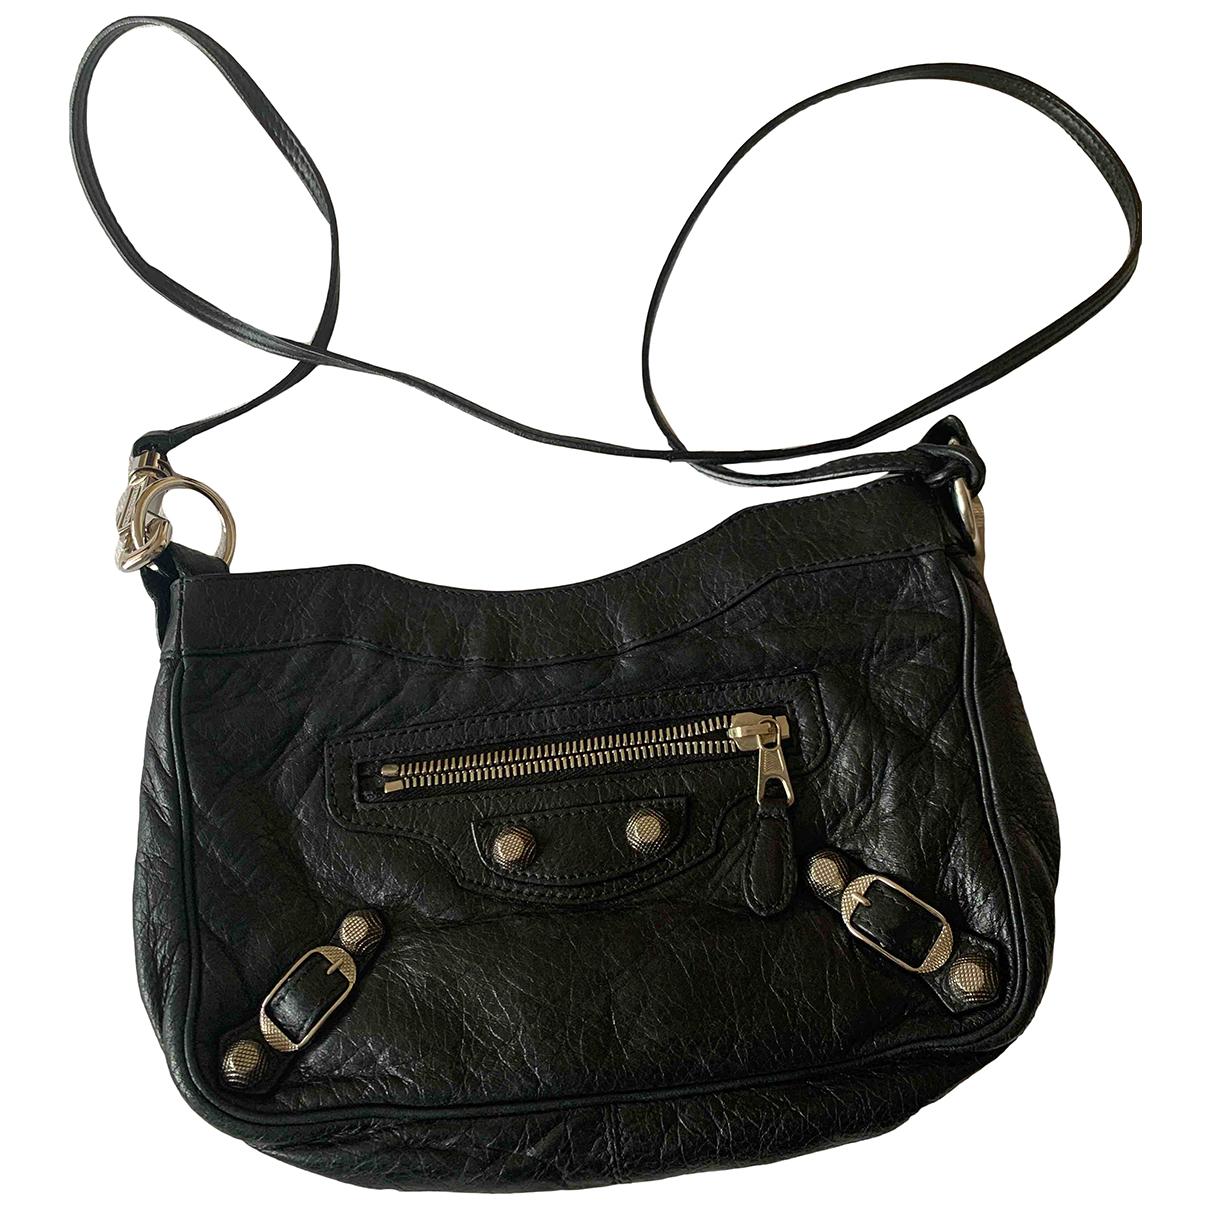 Balenciaga N Black Leather handbag for Women N